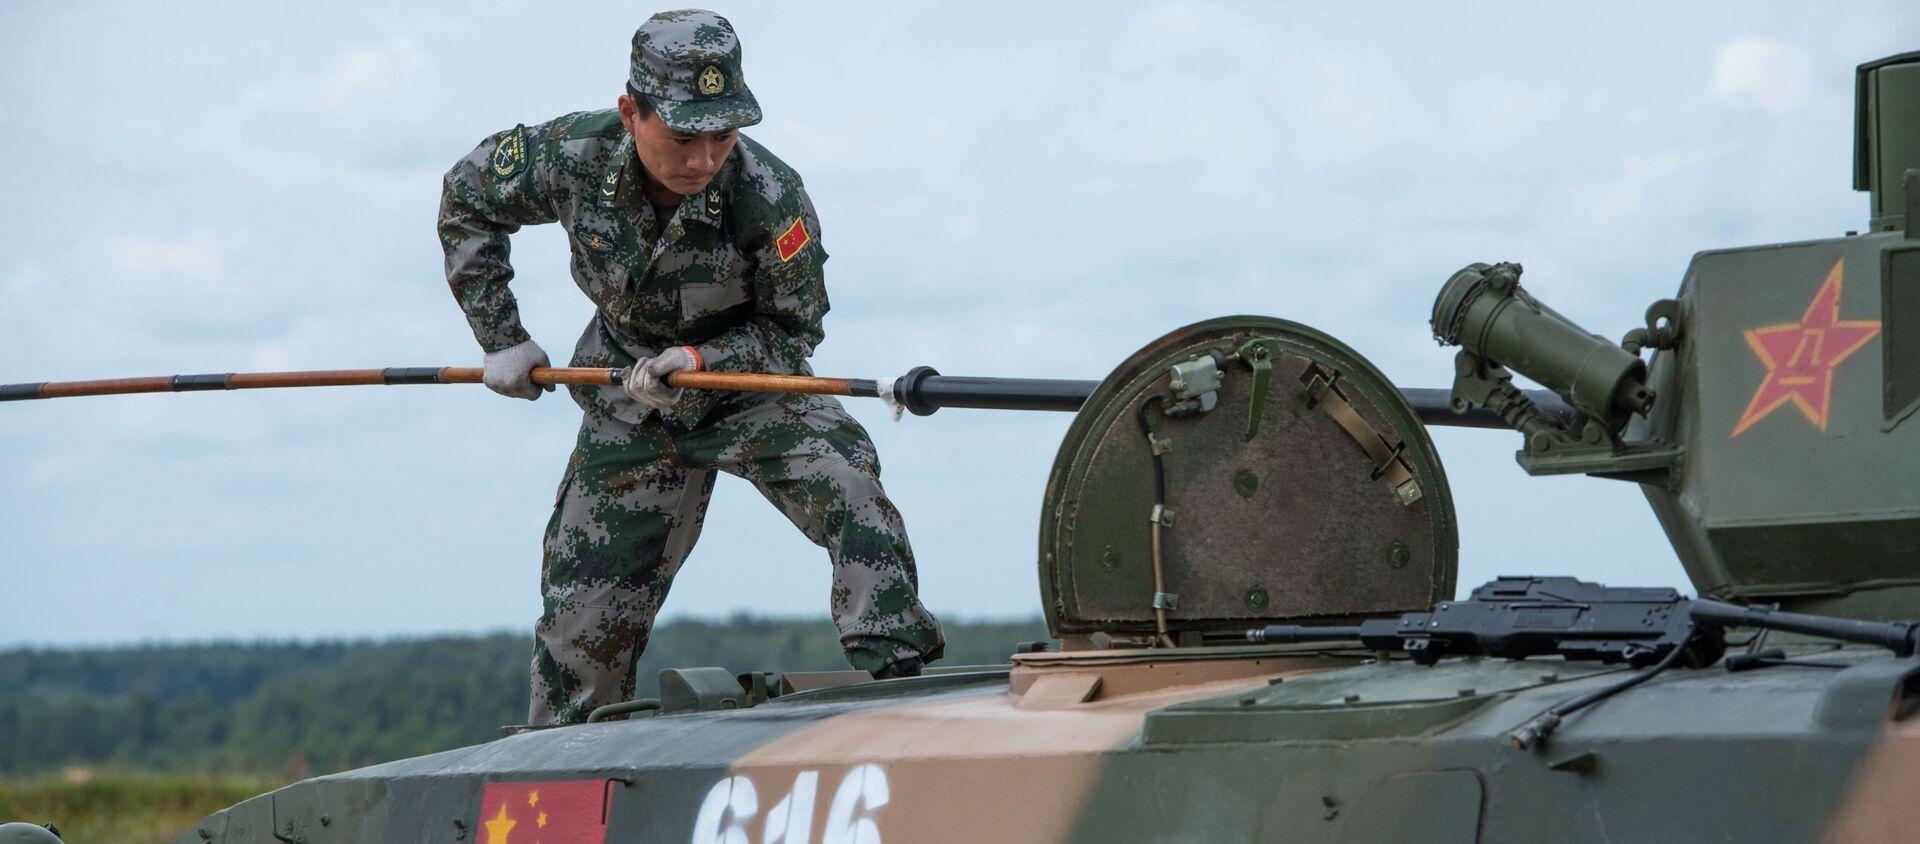 Trung Quốc đưa 158 đơn vị thiết bị đến Alabino. - Sputnik Việt Nam, 1920, 08.03.2021